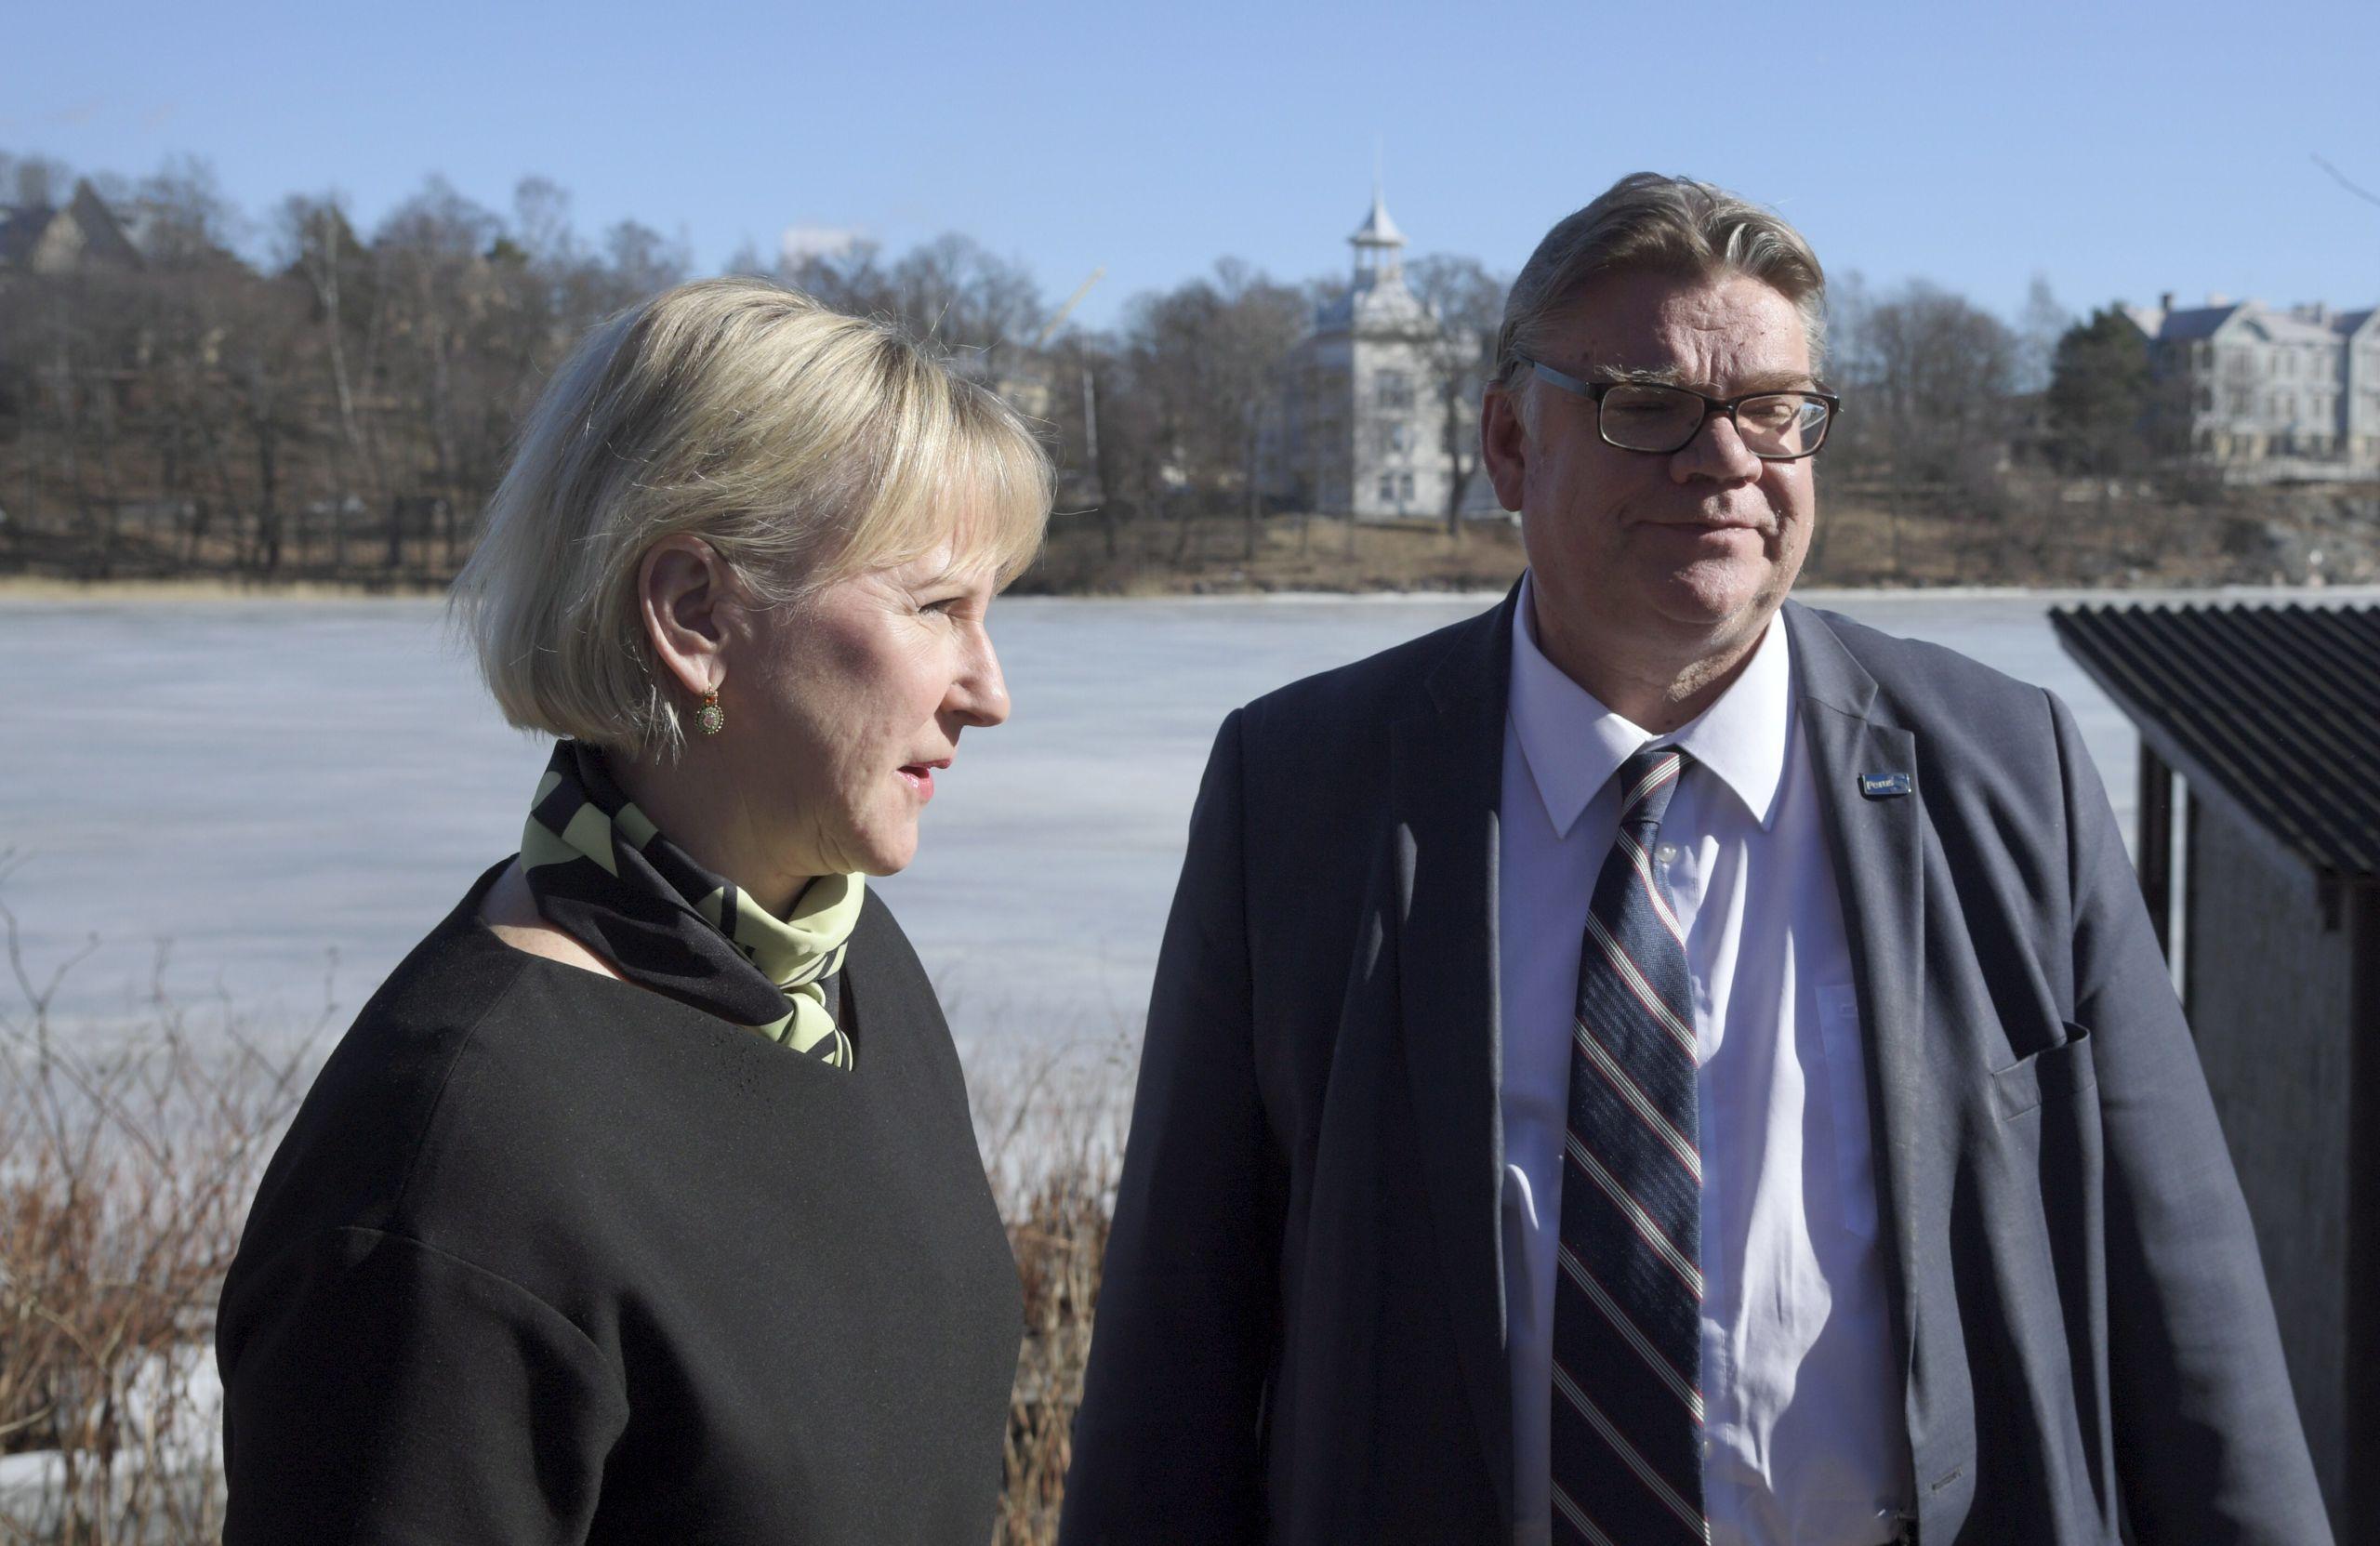 Tvangssvenskan uppe till tv debatt i finland